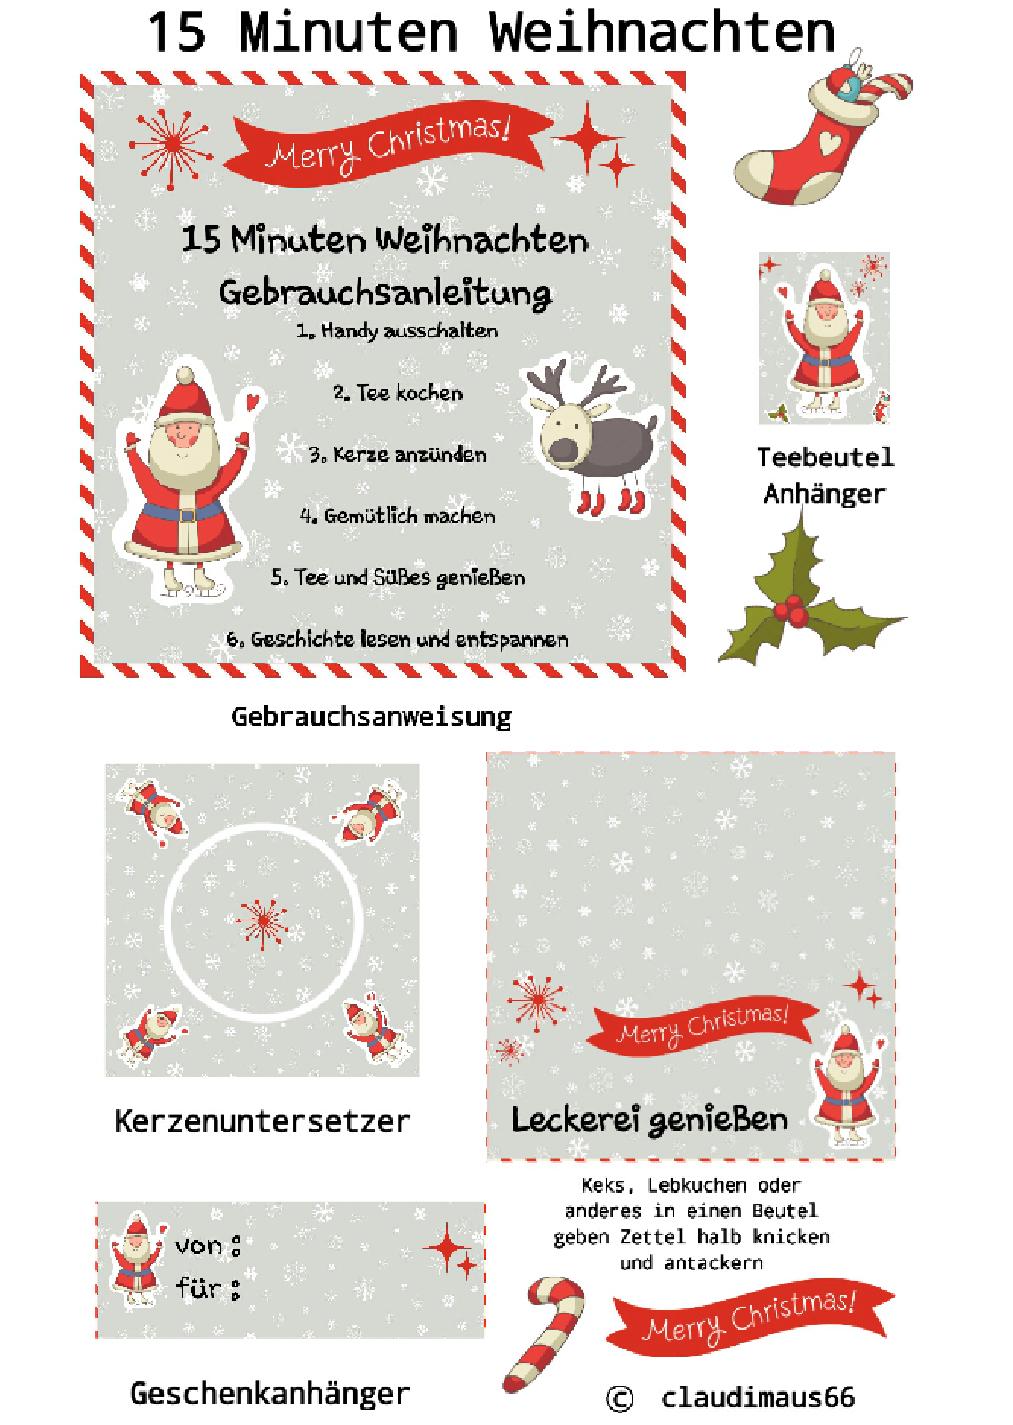 15 Minuten Weihnachten | 15 Minuten Weihnachten, Geschenke mit 15 Minuten Weihnachten Geschichte Zum Ausdrucken